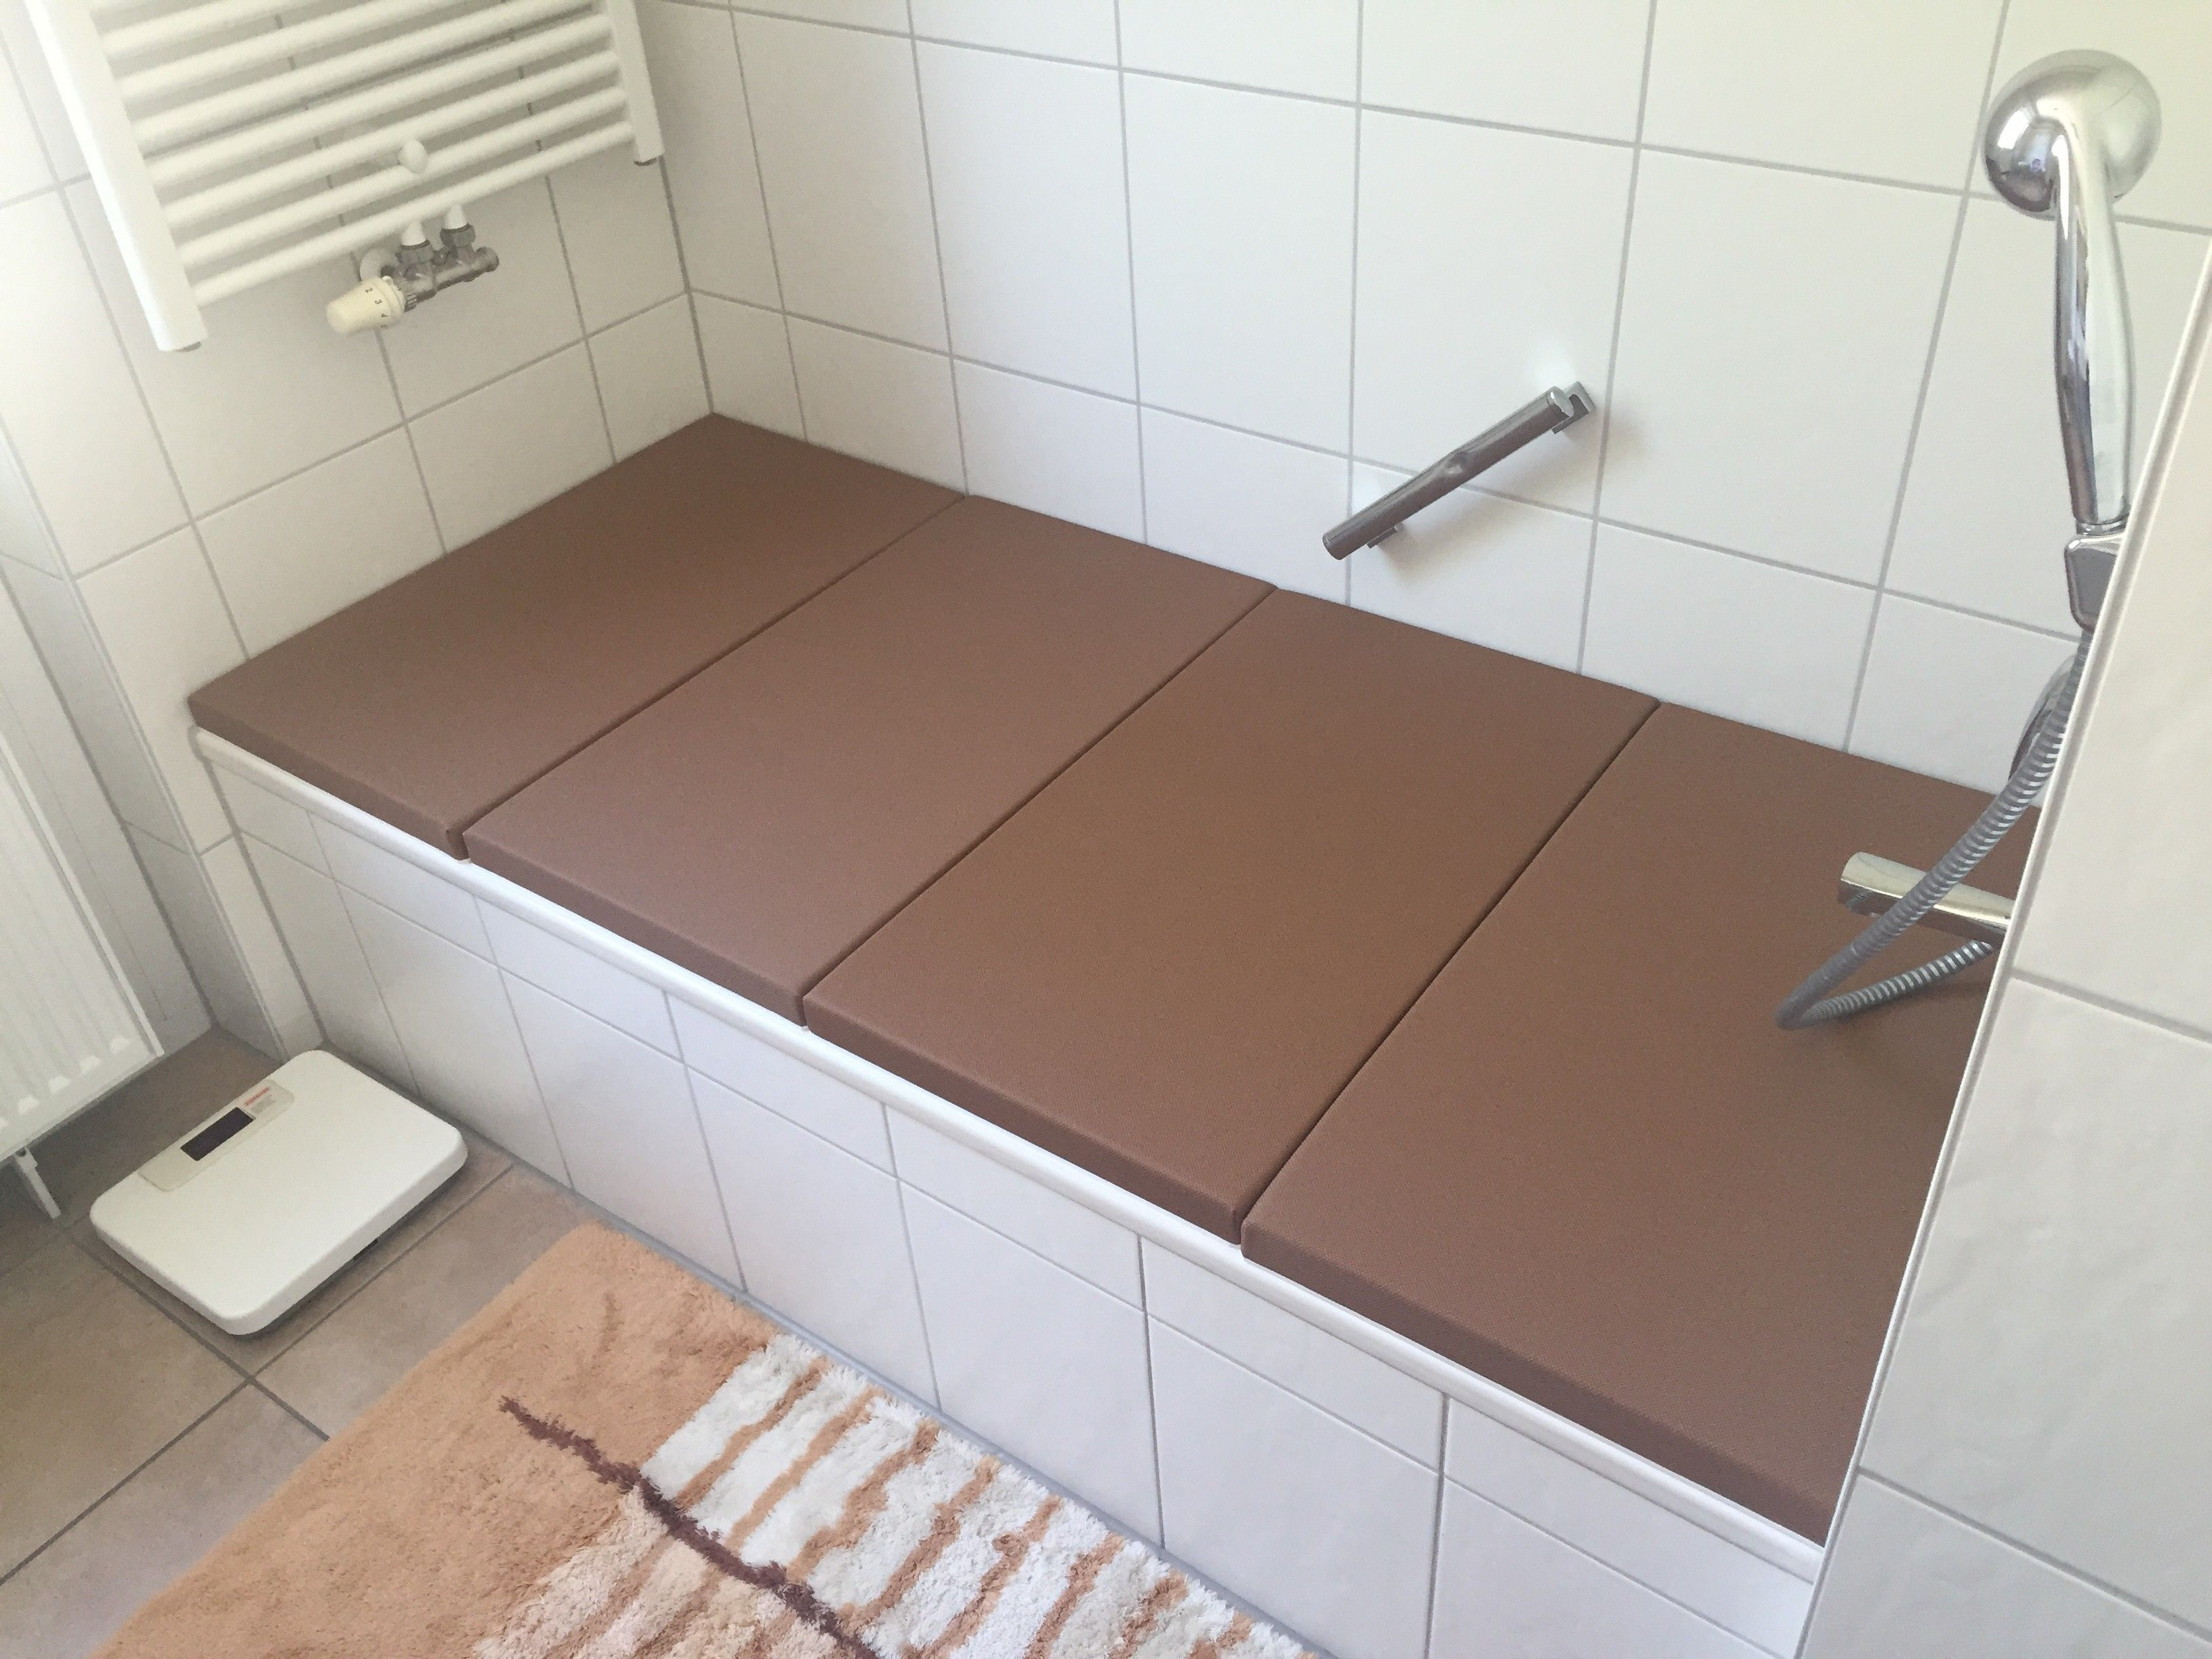 Beispiele Fur Den Einsatz Von Bathcover Als Moderne Badewannenabdeckung Badewannenabdeckung Badewanne Abdeckung Wanne